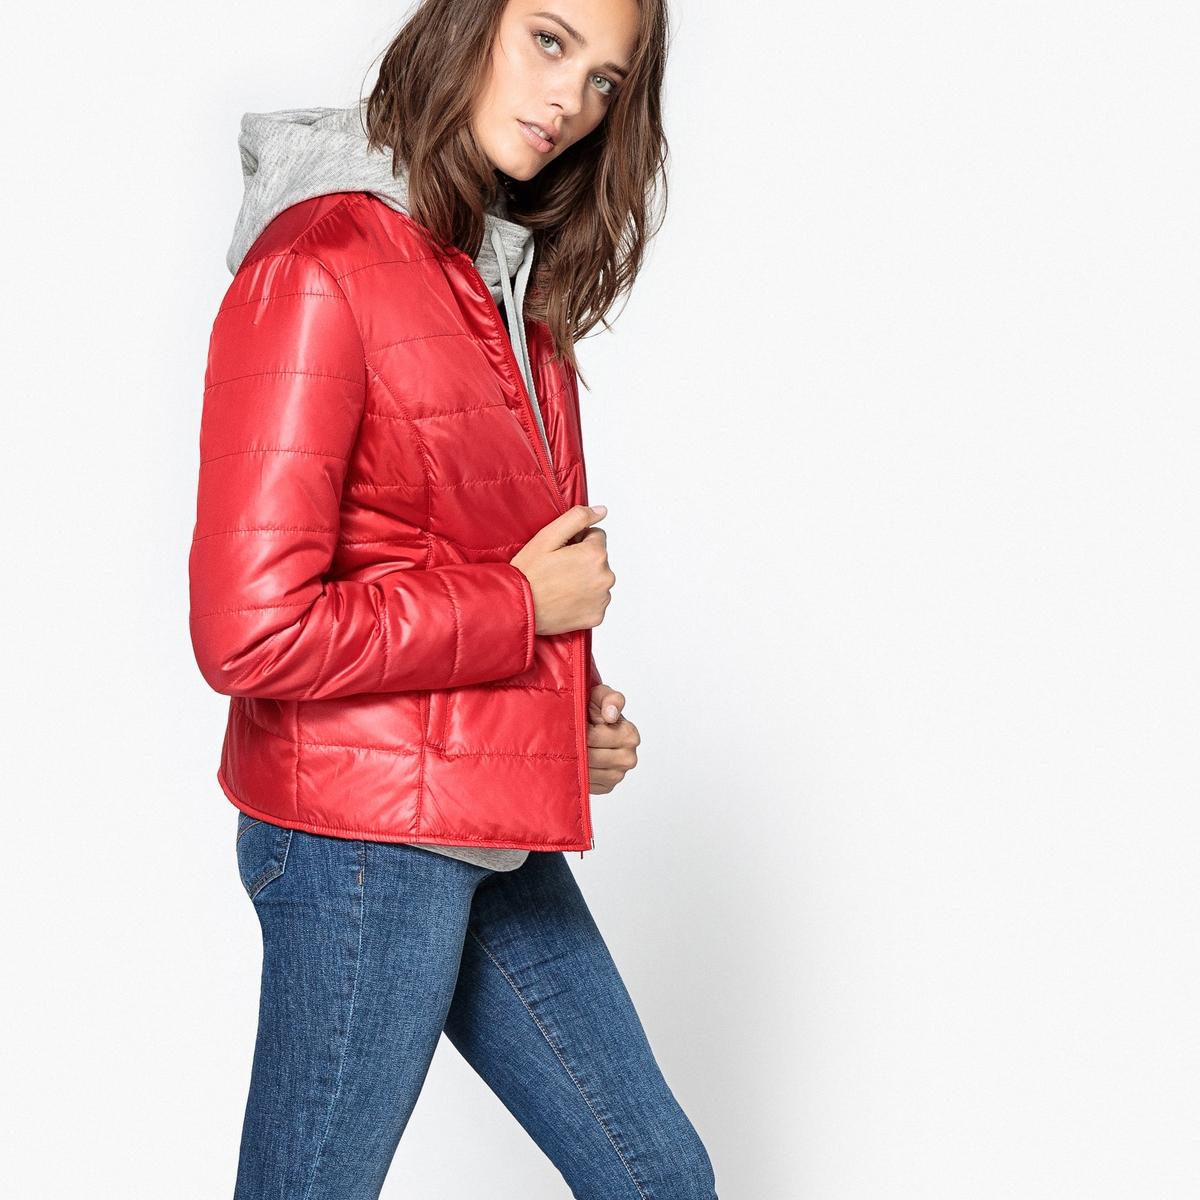 Куртка стеганая тонкаяКуртка стеганая тонкая прямого покроя . Можно носить как куртку или надеть под пальто. Круглый вырез. Застежка на молнию по всей длине. Косые карманы в отрезных деталях . Детали •  Длина : укороченная •  Без воротника •  Застежка на молниюСостав и уход •  100% полиэстер •  Подкладка : 100% полиэстер •  Температура стирки при 30° на деликатном режиме  •  Сухая чистка и отбеливатели запрещены •  Не использовать барабанную сушку  •  Не гладить •  Длина : 62 см<br><br>Цвет: красный,темно-синий,темно-фиолетовый,черный<br>Размер: 50 (FR) - 56 (RUS).46 (FR) - 52 (RUS).44 (FR) - 50 (RUS).42 (FR) - 48 (RUS).40 (FR) - 46 (RUS).38 (FR) - 44 (RUS).36 (FR) - 42 (RUS).34 (FR) - 40 (RUS).50 (FR) - 56 (RUS).48 (FR) - 54 (RUS).46 (FR) - 52 (RUS).44 (FR) - 50 (RUS).40 (FR) - 46 (RUS).38 (FR) - 44 (RUS).36 (FR) - 42 (RUS).52 (FR) - 58 (RUS).50 (FR) - 56 (RUS).46 (FR) - 52 (RUS).44 (FR) - 50 (RUS).42 (FR) - 48 (RUS).40 (FR) - 46 (RUS).38 (FR) - 44 (RUS).36 (FR) - 42 (RUS).34 (FR) - 40 (RUS).50 (FR) - 56 (RUS).48 (FR) - 54 (RUS).46 (FR) - 52 (RUS).44 (FR) - 50 (RUS).38 (FR) - 44 (RUS).36 (FR) - 42 (RUS).34 (FR) - 40 (RUS).34 (FR) - 40 (RUS).42 (FR) - 48 (RUS).42 (FR) - 48 (RUS).48 (FR) - 54 (RUS).52 (FR) - 58 (RUS).52 (FR) - 58 (RUS).40 (FR) - 46 (RUS)